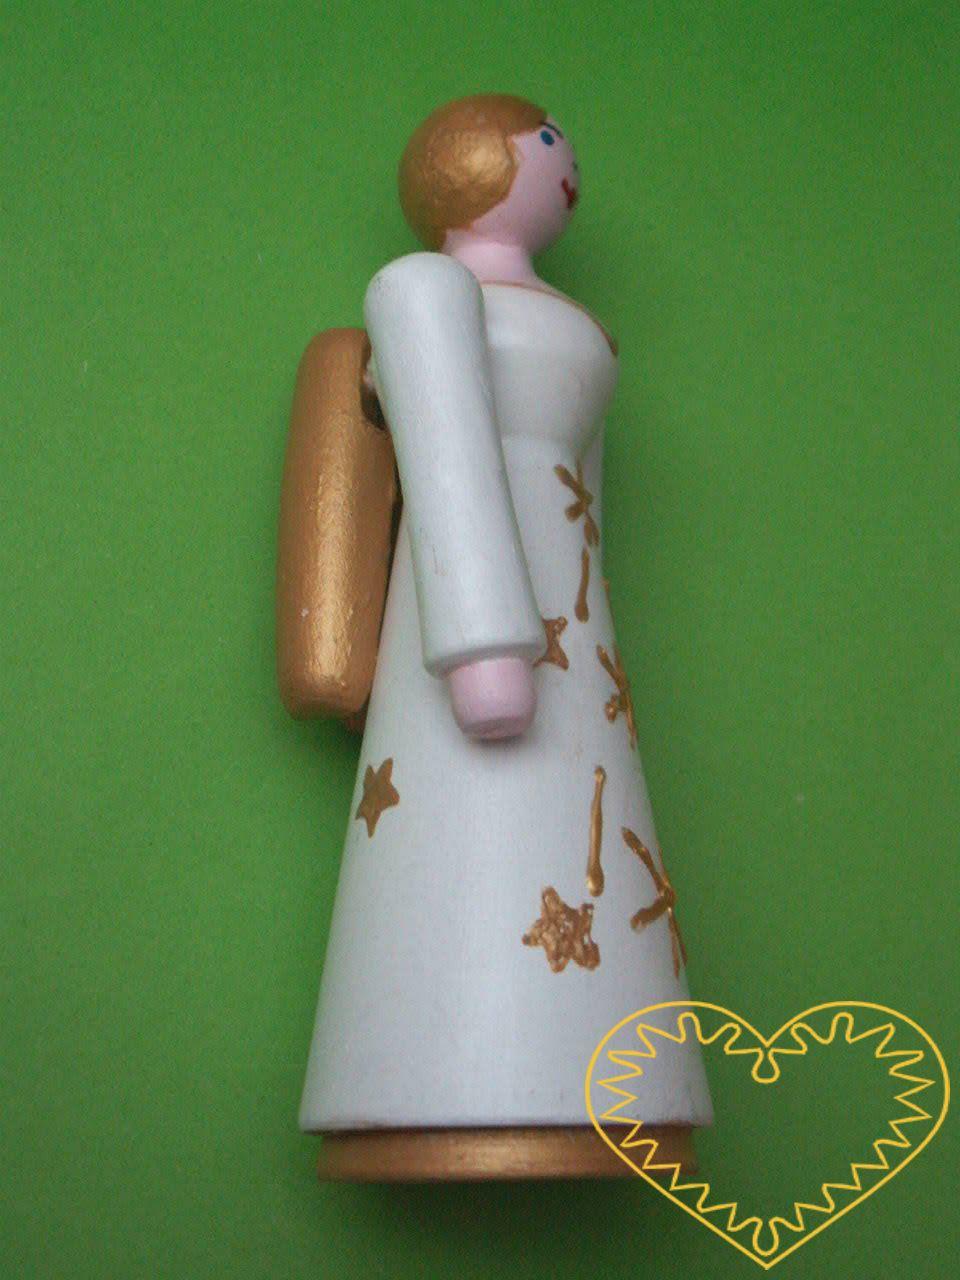 Dřevěný anděl. Krásně malovaný suvenýr vycházející ze vzorů tradičních dětských dřevěných hraček. Soustružený anděl s křídly má pohyblivé ruce ve směru nahoru - dolu.